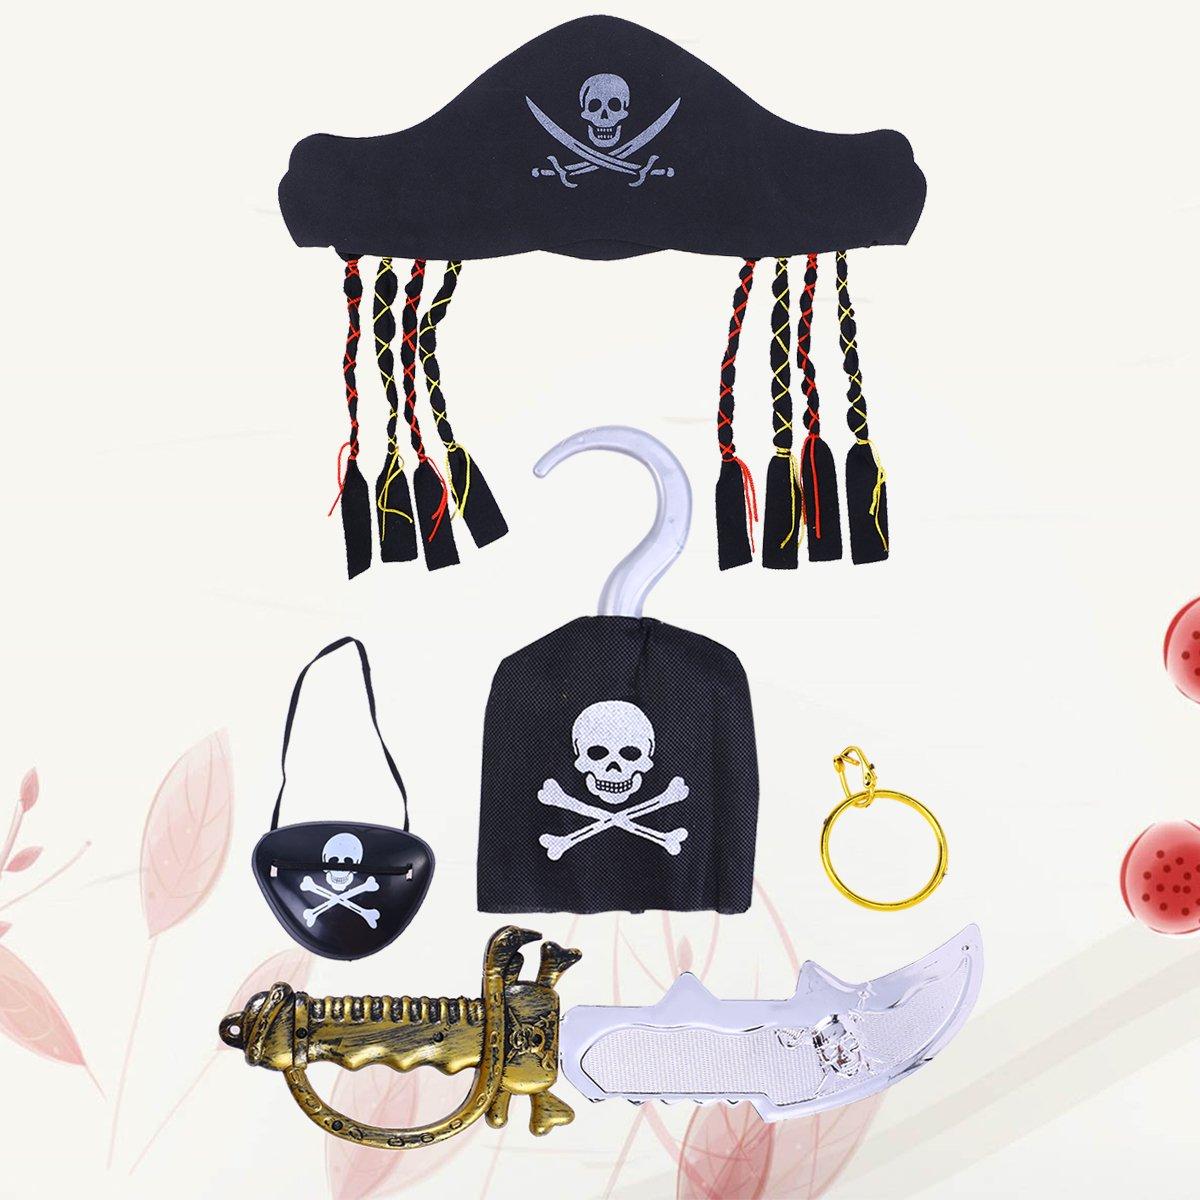 Toyvian 5pcs Disfraz de Pirata de Halloween Prop Set Suministros ...